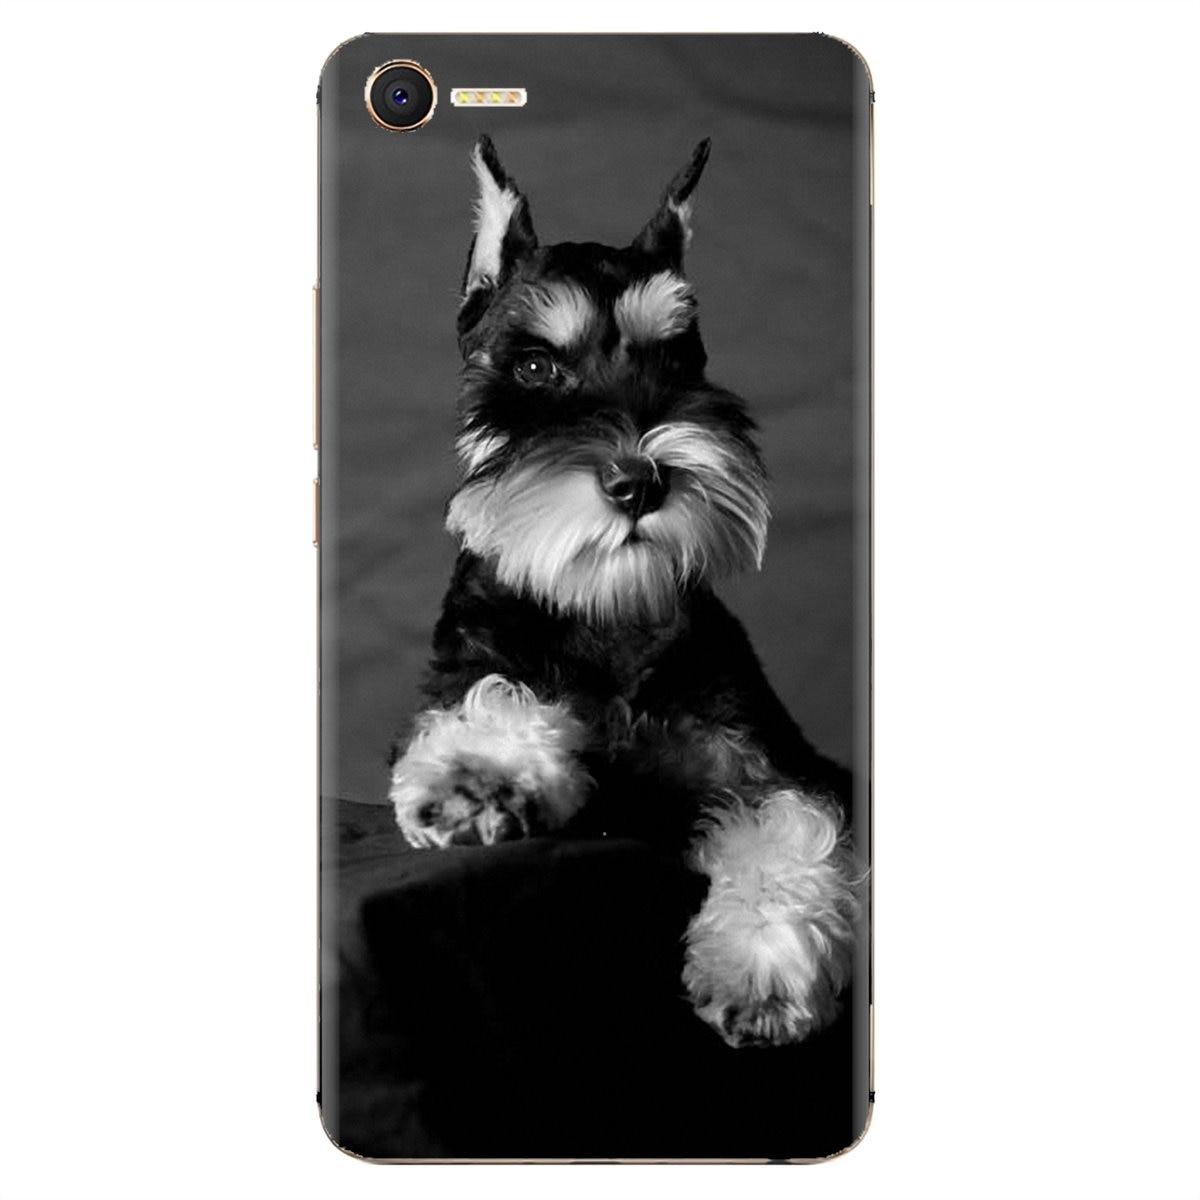 Para Nokia X6 2 3 5 6 8 9 230, 3310, 2,1, 3,1, 5,1, 7 2017, 2018 Schnauzer miniatura cachorro perro arte de silicona de moda teléfono caso